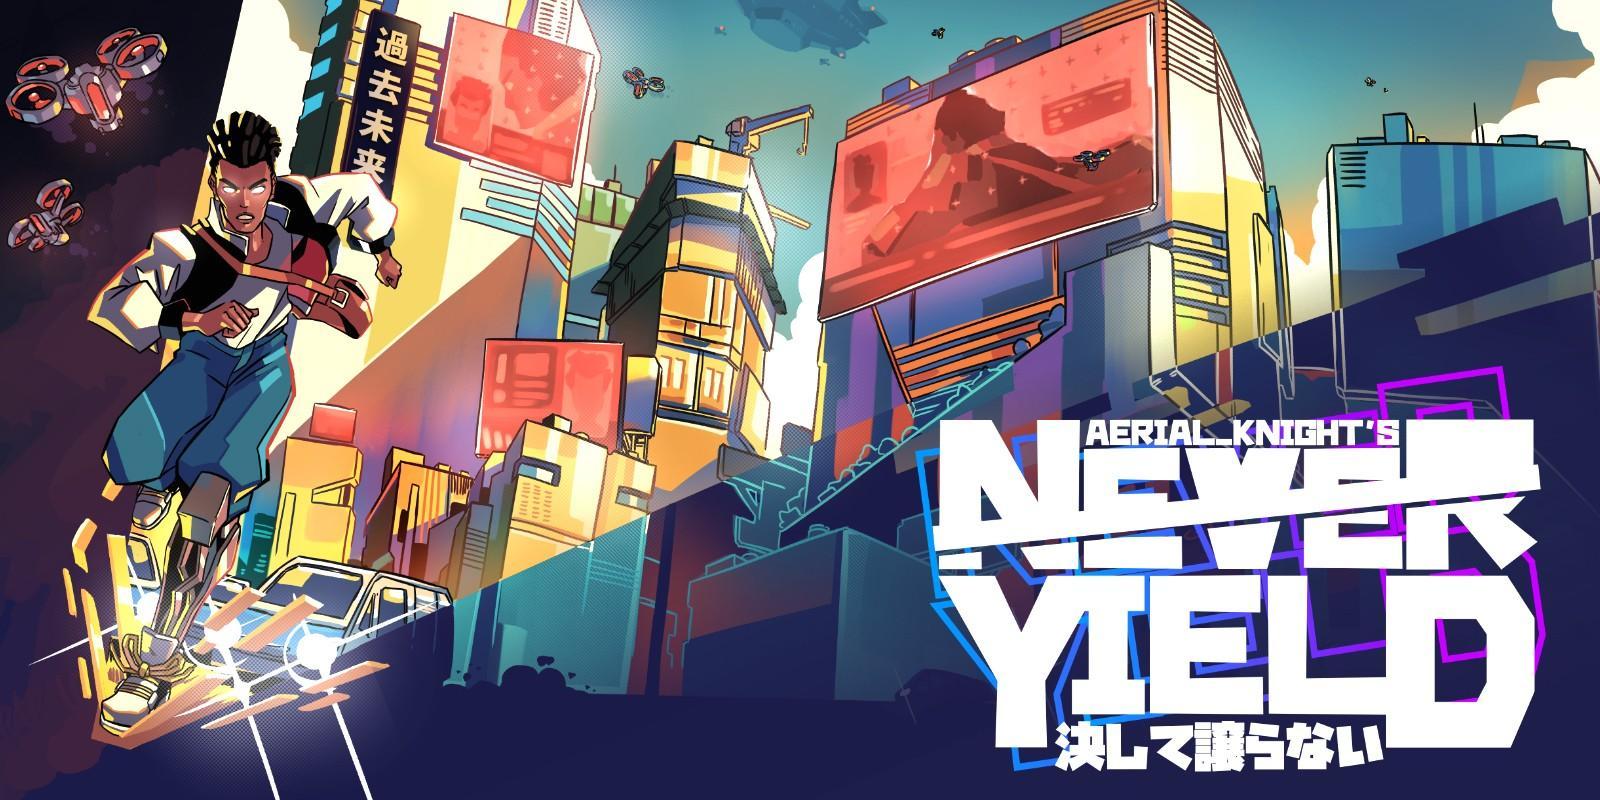 В сети появился свежий геймплей приключения Aerial Knight's Never Yield с Nintendo Switch 2